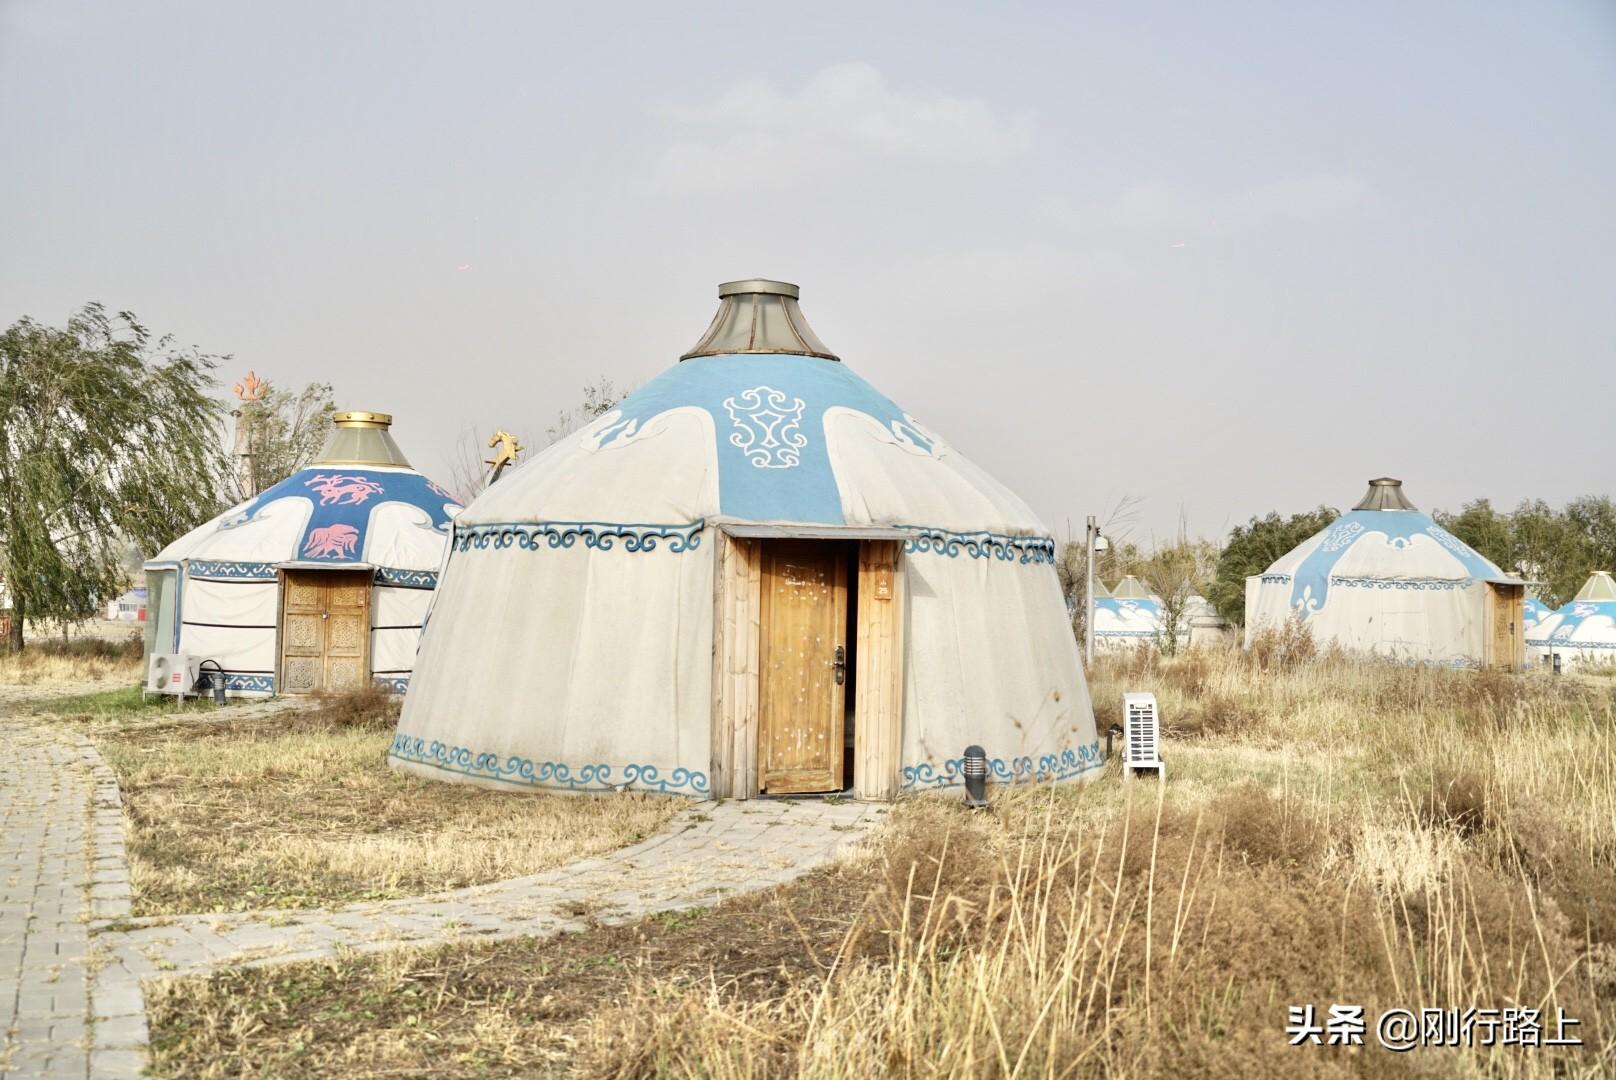 来内蒙古旅游一定要做的几件事,或许这才是真正的内蒙